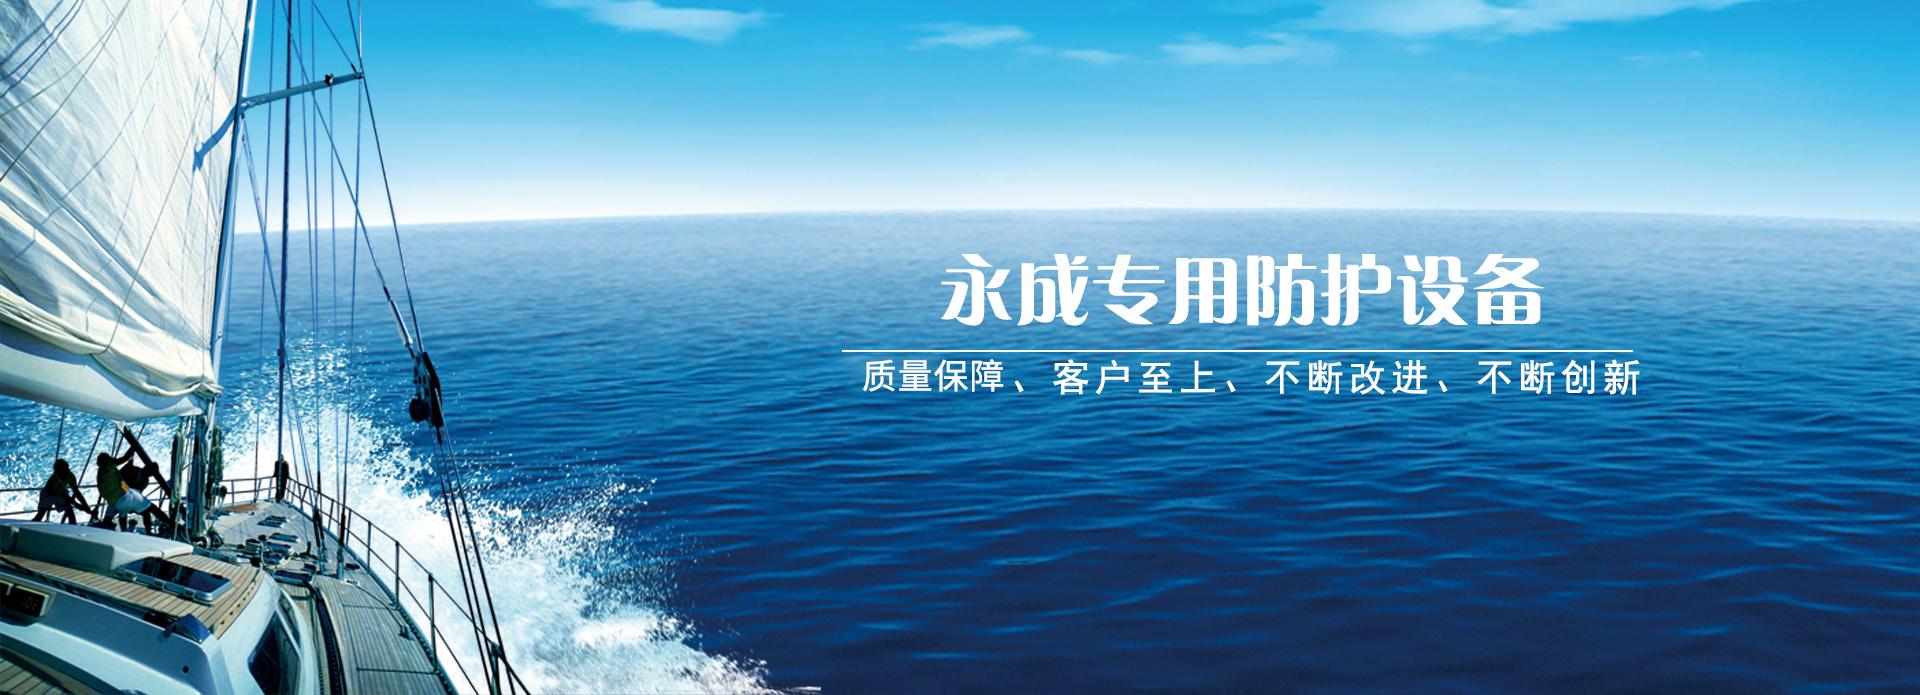 永成船用防护设备